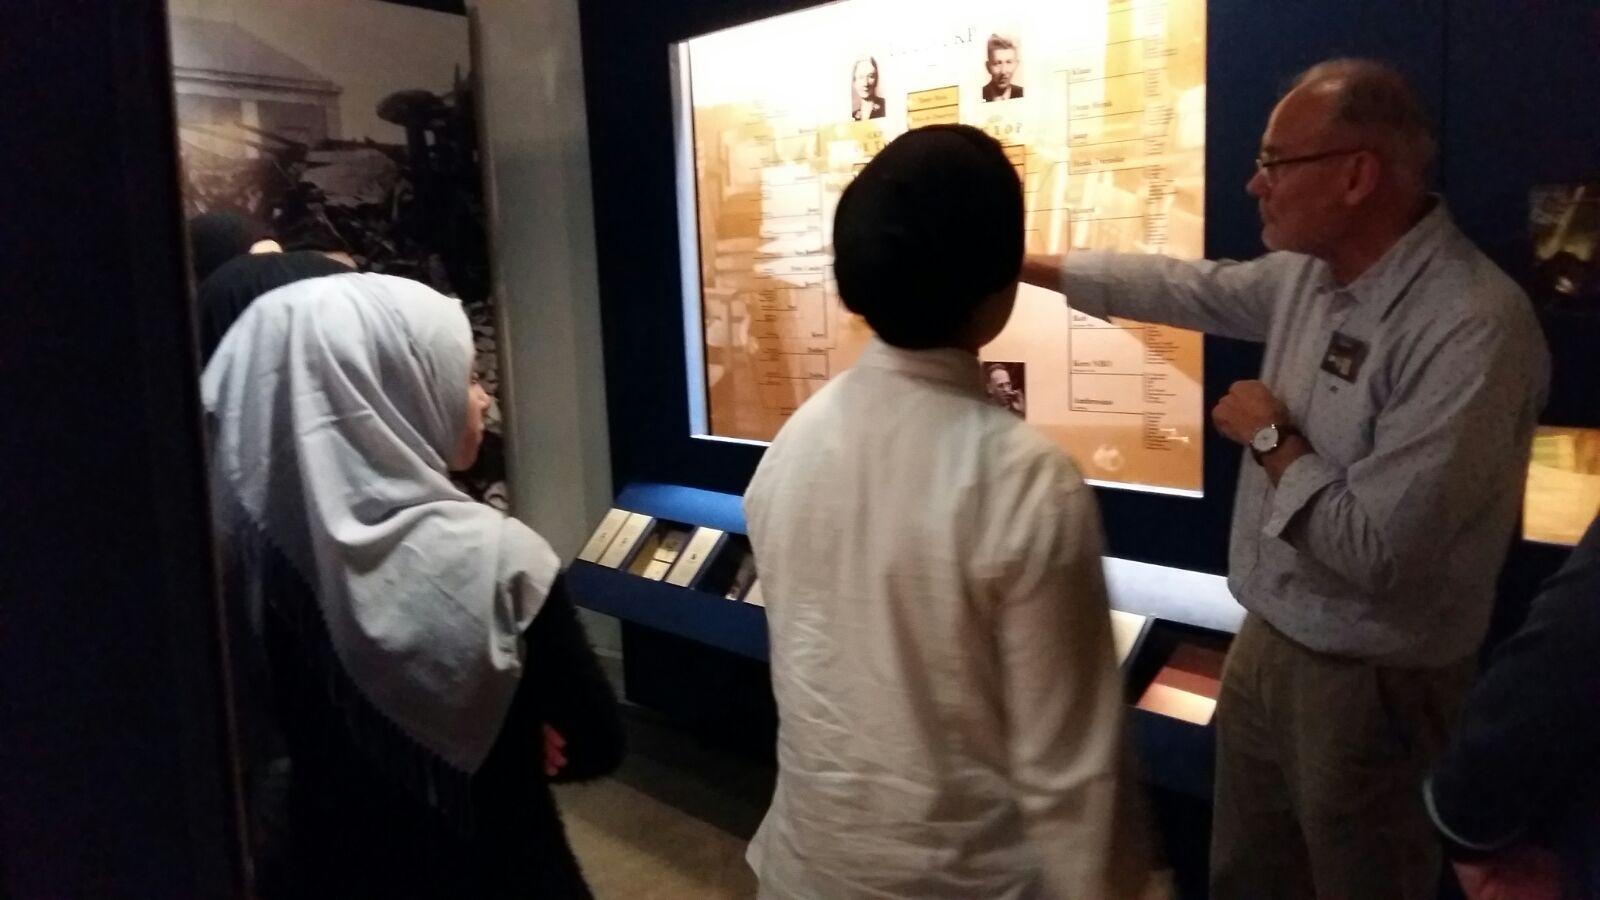 verzet museum 3.jpg